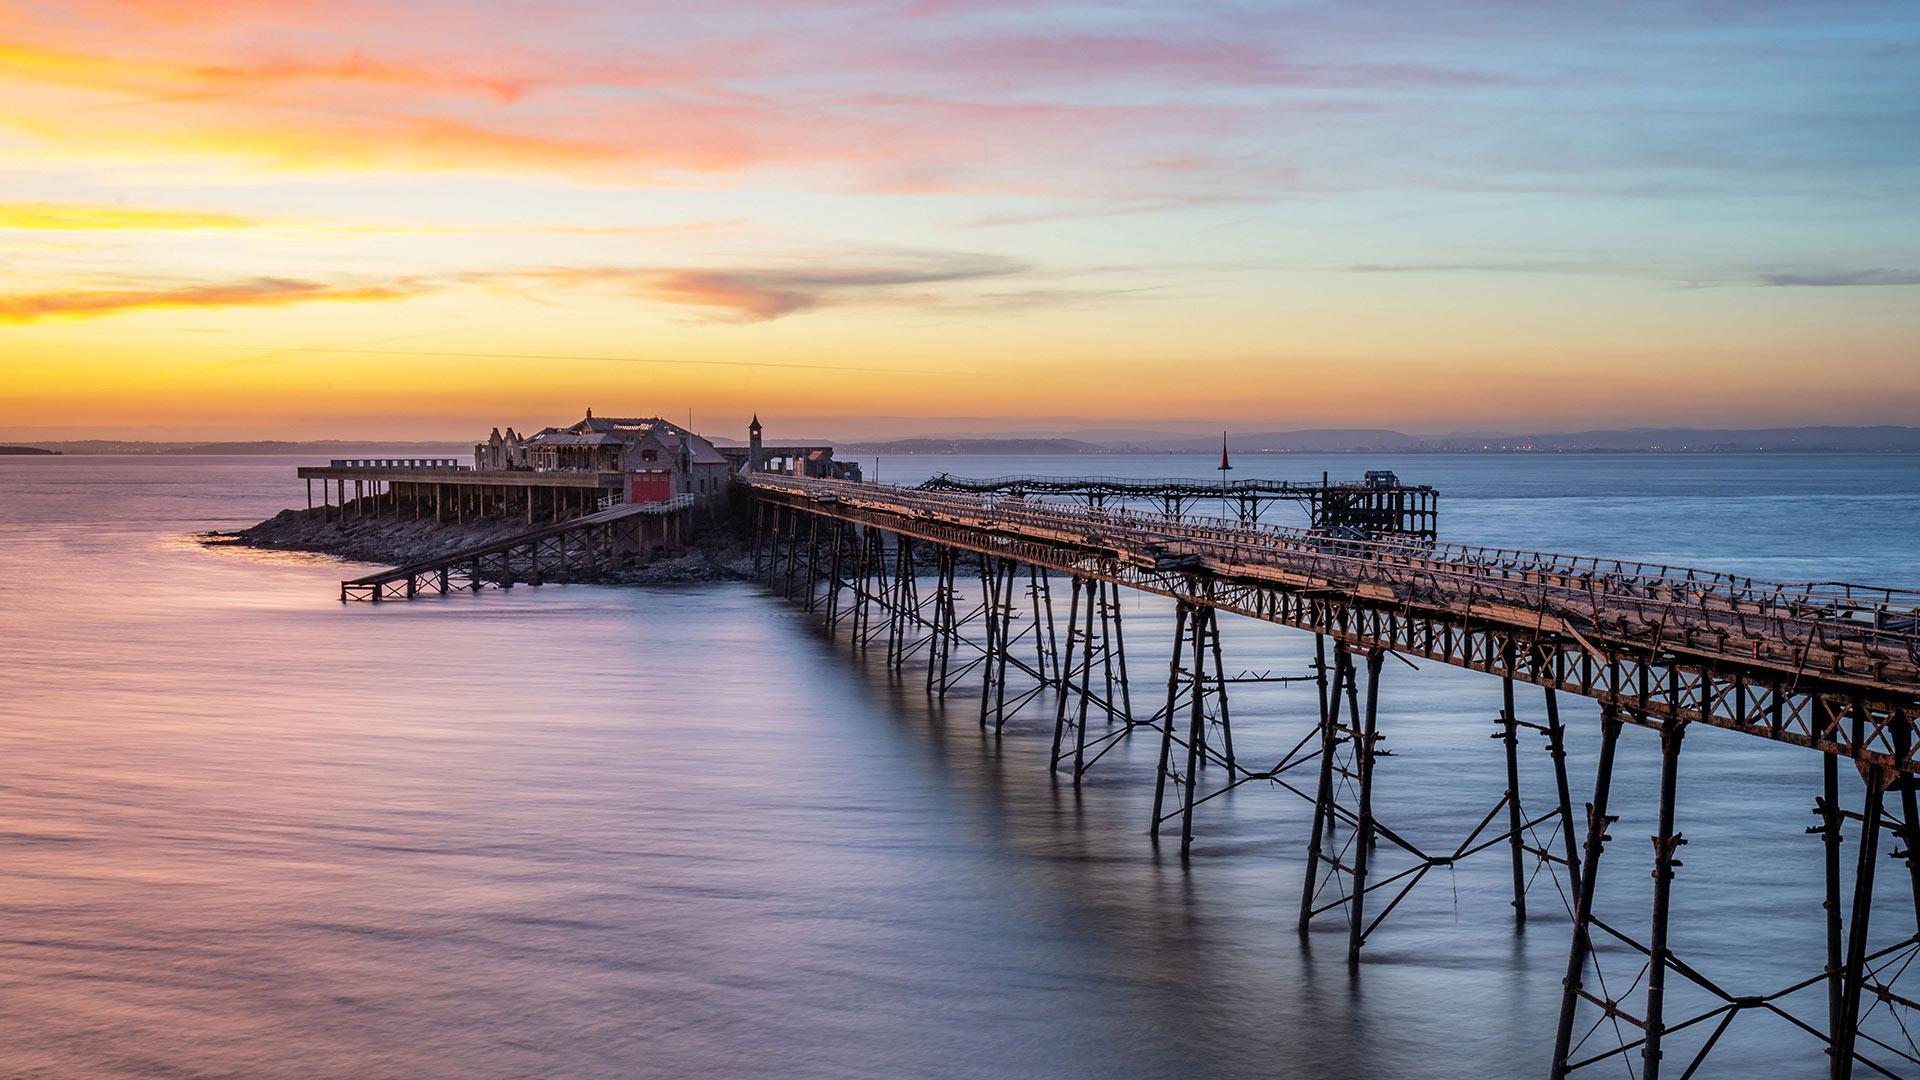 布里斯托尔海峡的伯恩贝克码头,英国滨海韦斯顿北索美塞得 (© Stephen Davies/Adobe Stock)